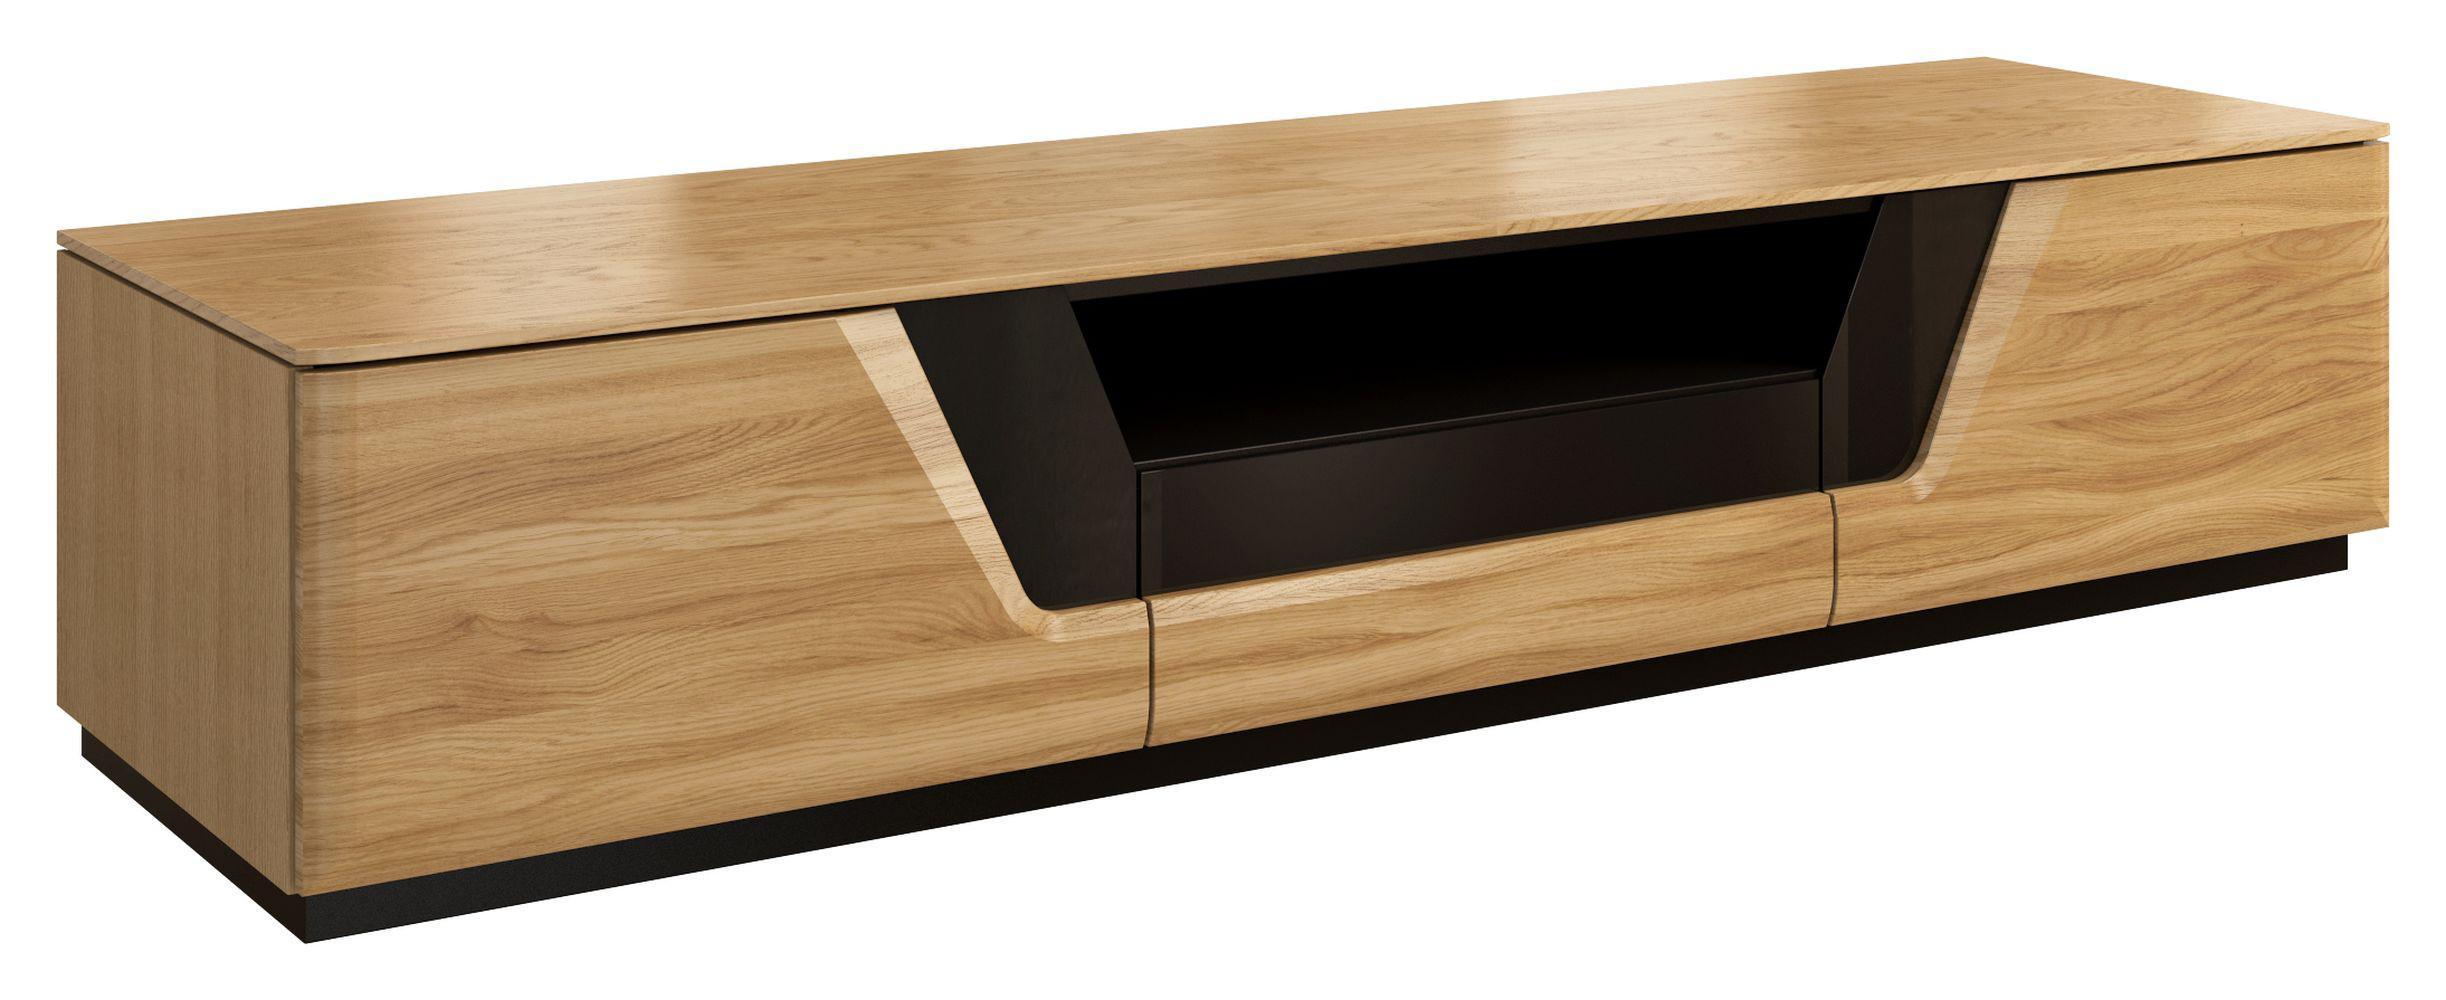 Lowboard Holz Schwarz